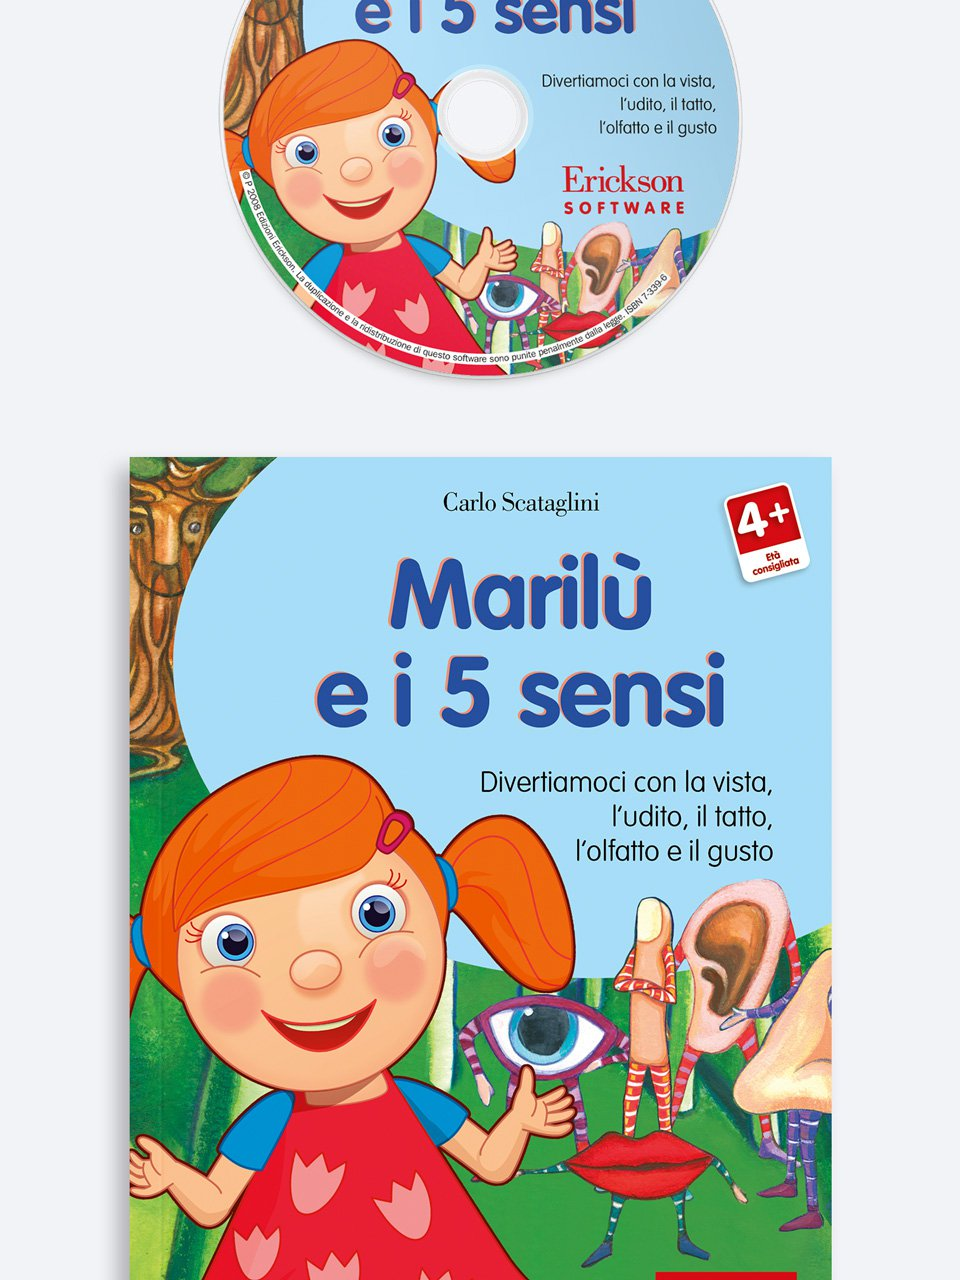 Marilù e i 5 sensi - Quattro stagioni per giocare - Libri - Erickson